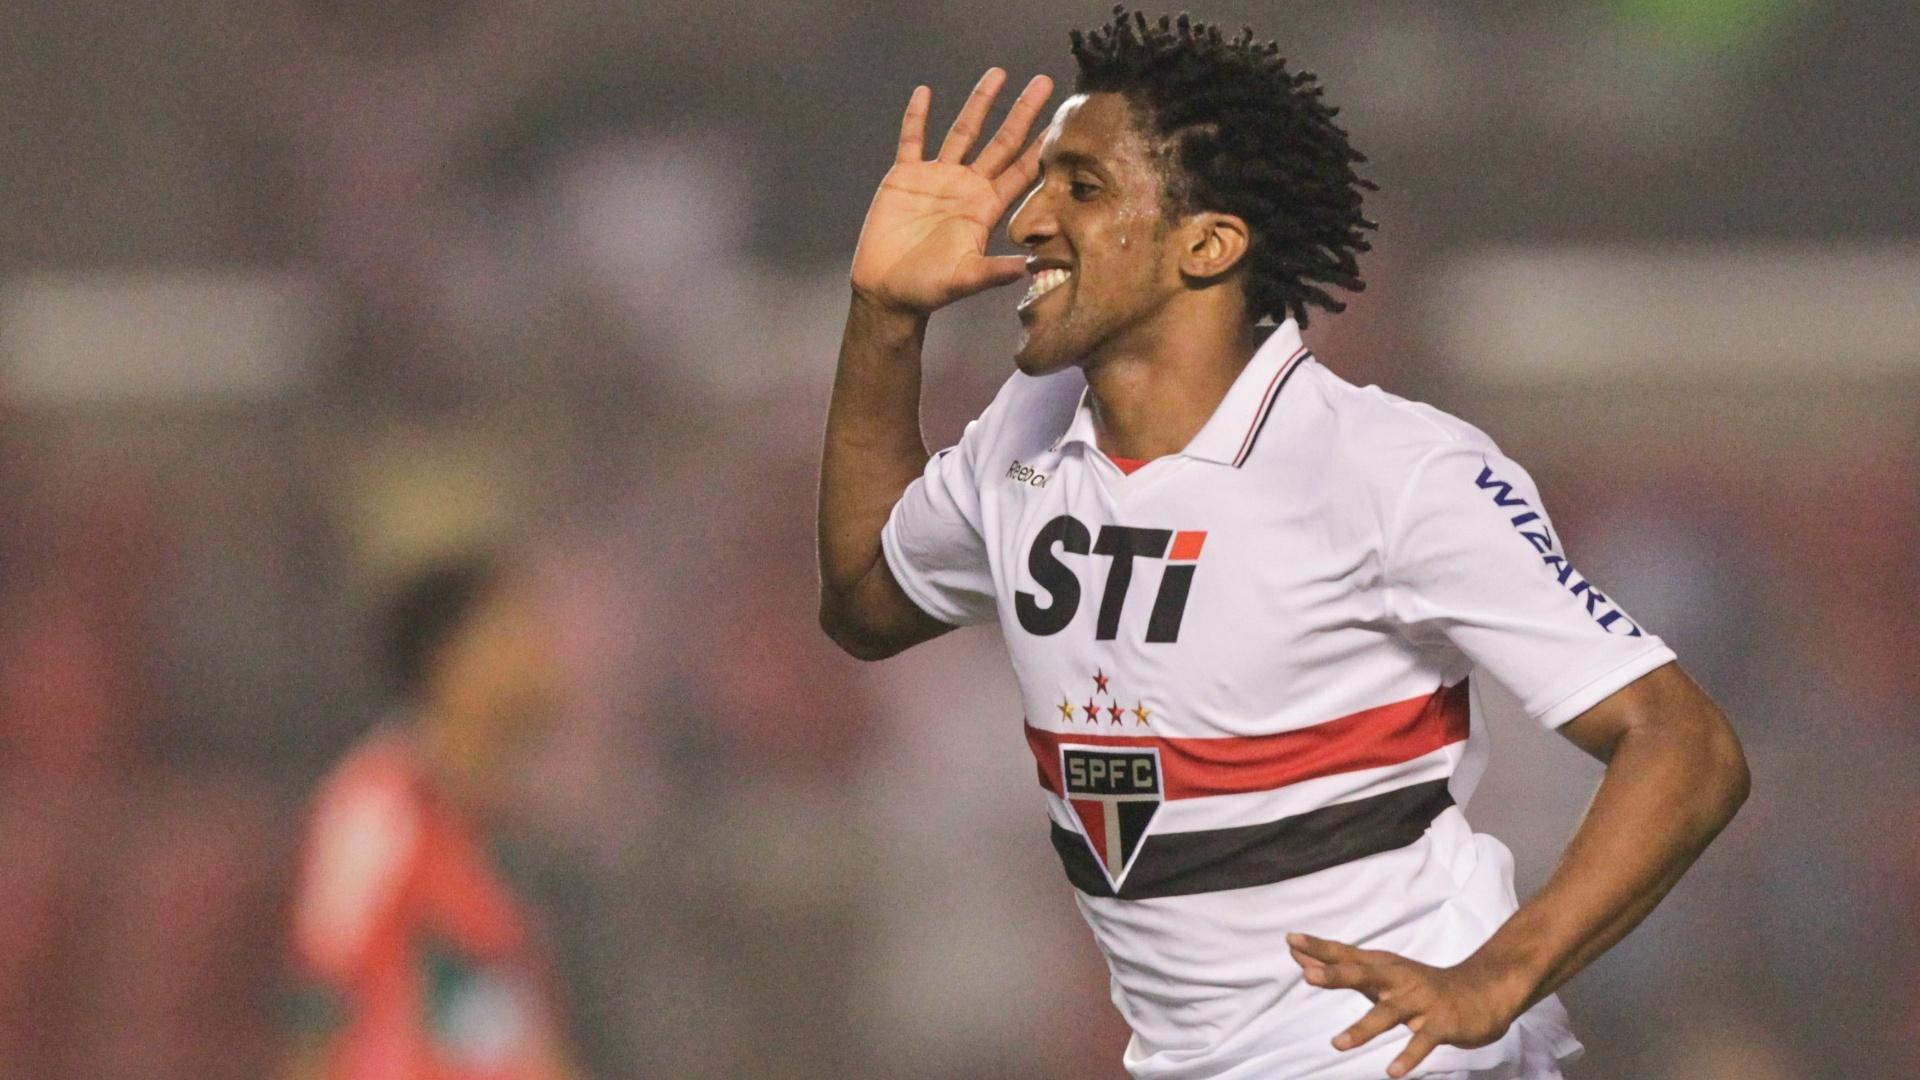 Cortez comemora gol marcado contra a Portuguesa no Morumbi, o segundo do São Paulo na partida